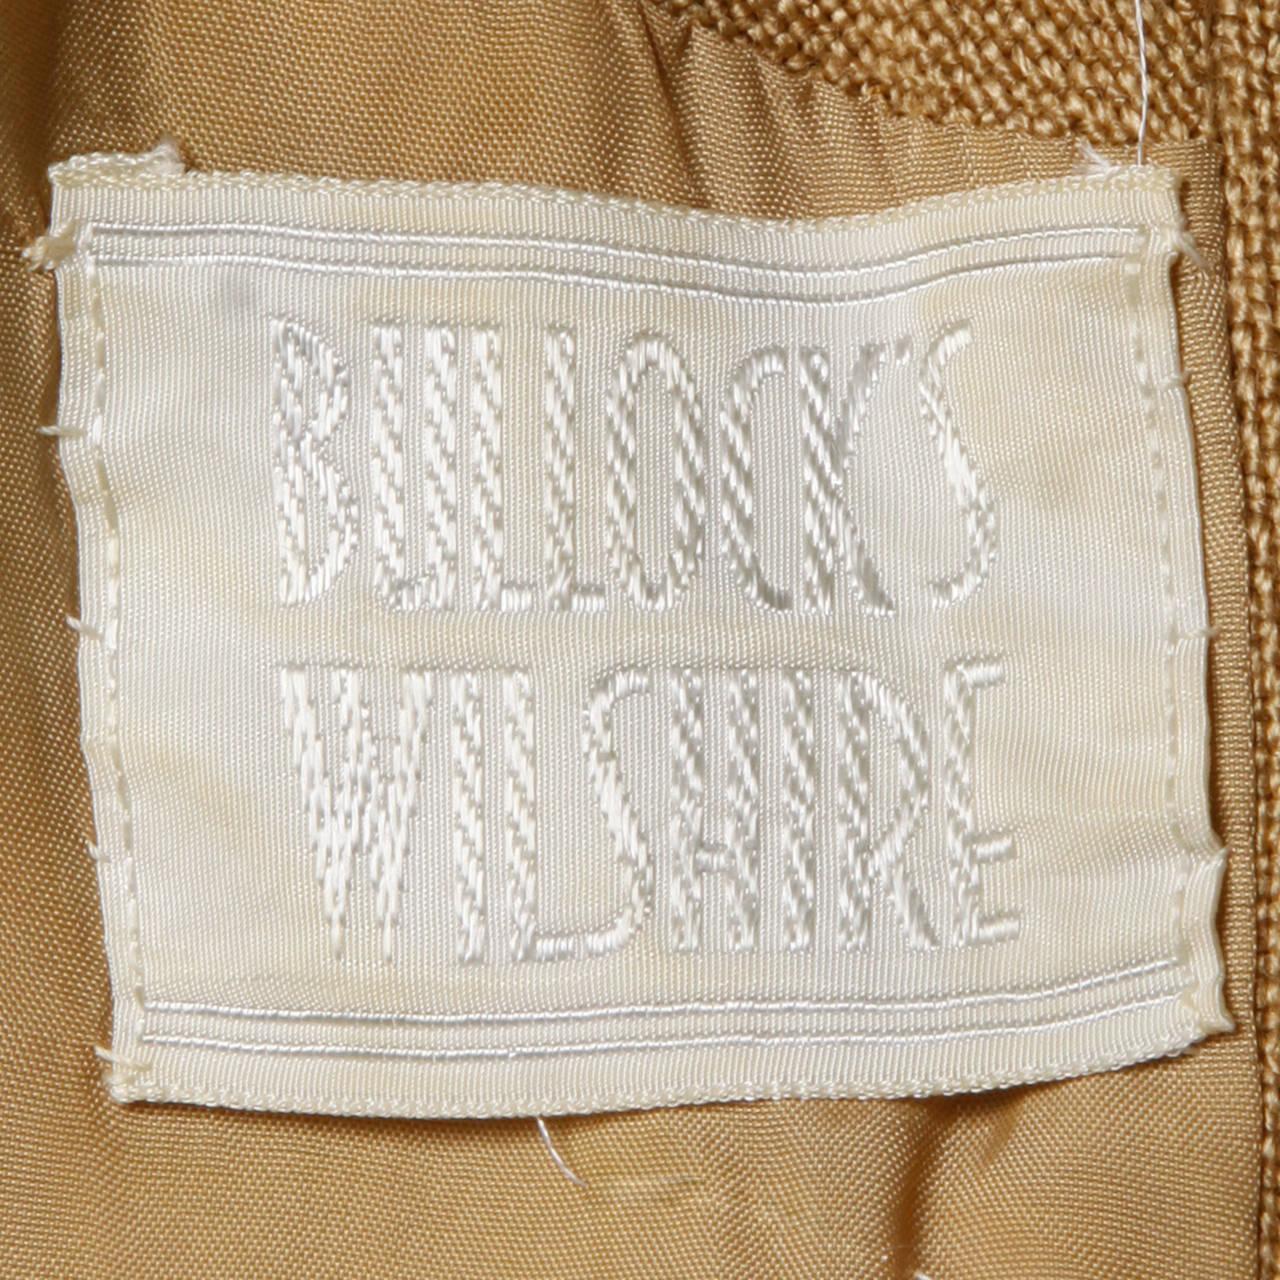 Donald Brooks 1960s Mod Vintage Camel Linen + Silk Dress with Belt For Sale 5